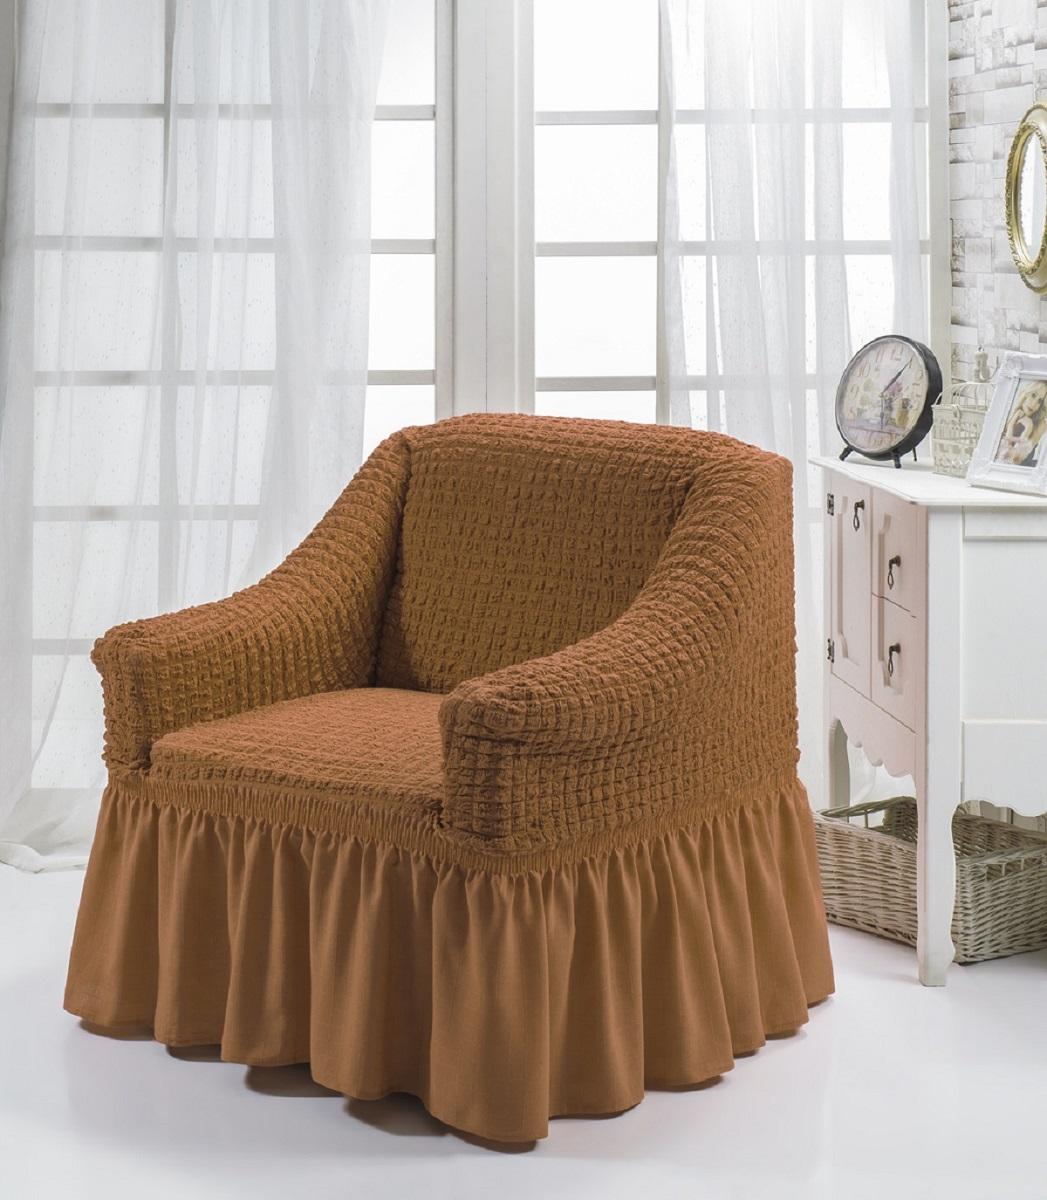 Чехол для кресла Karna «Bulsan». 1797/CHAR006  купить тумбу под обувь в интернет магазине